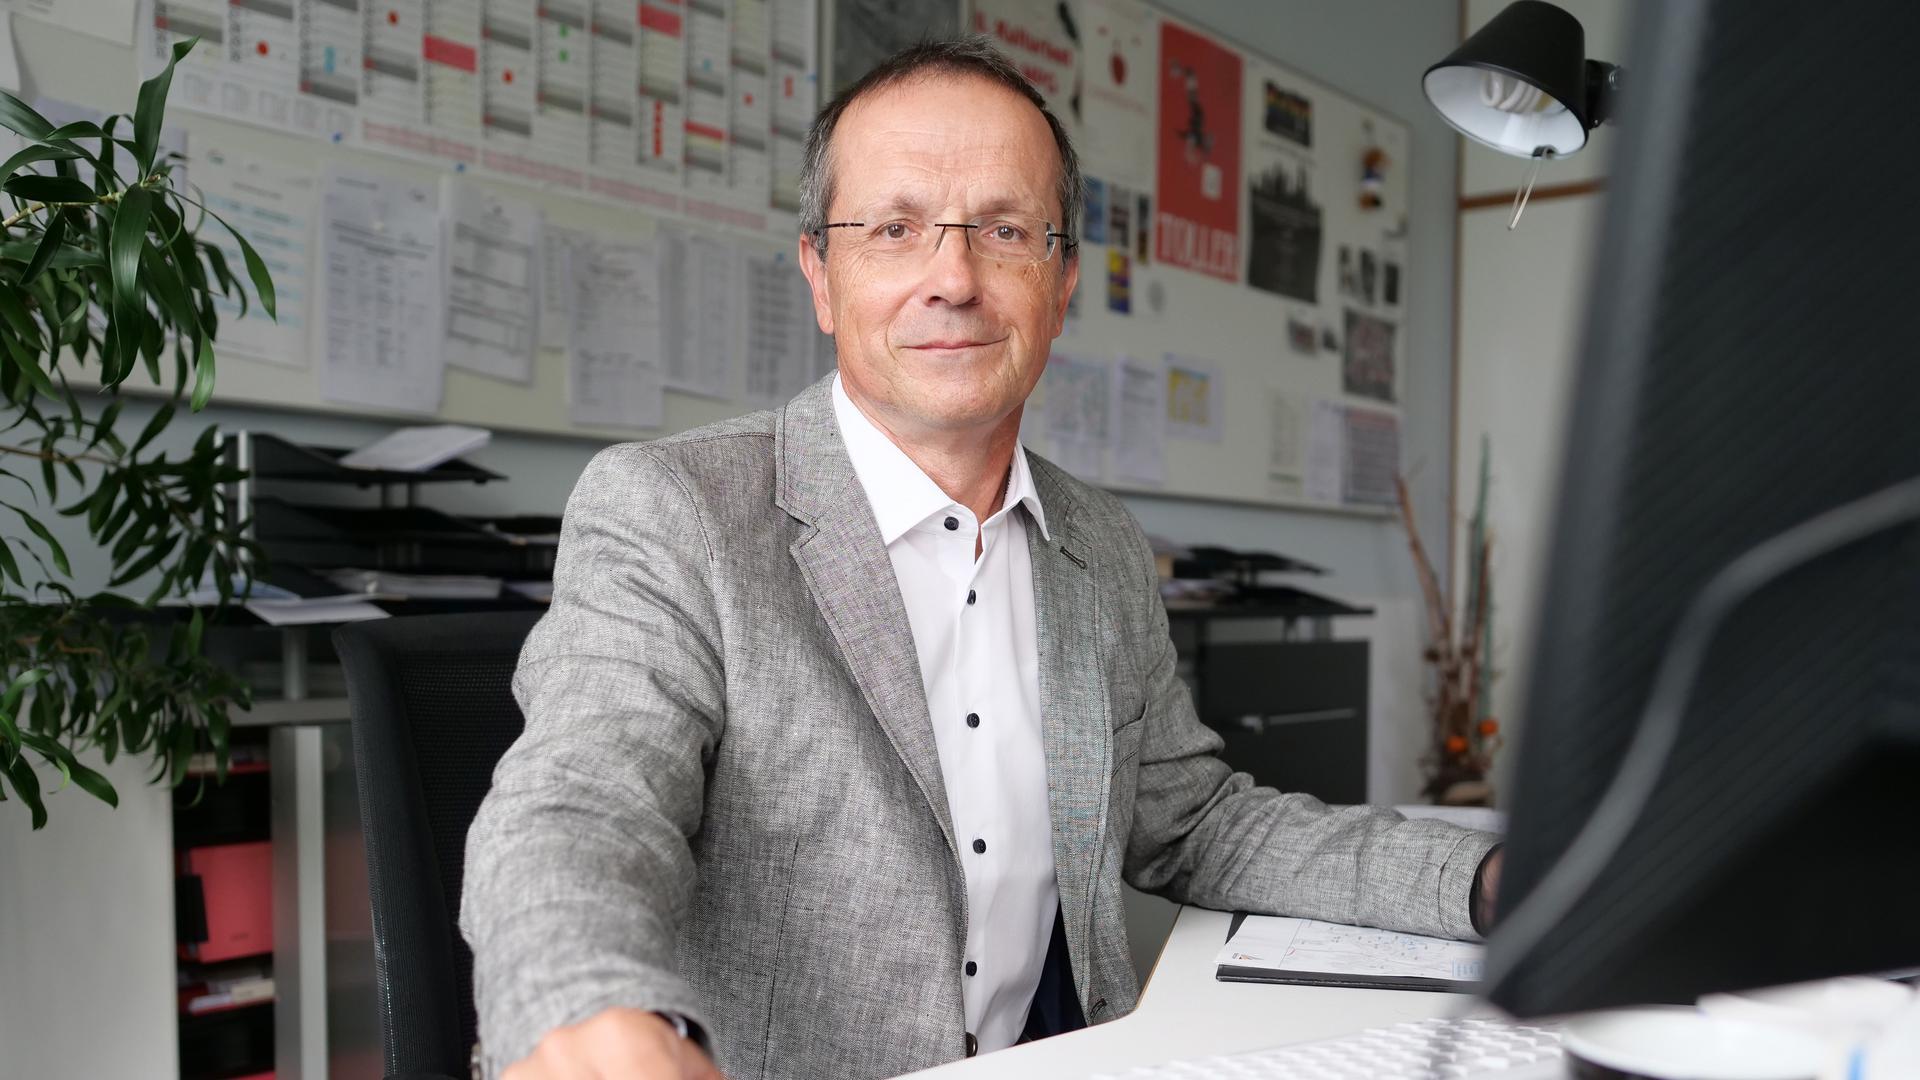 Rektor des Max-Planck-Gymnasiums Uwe Mueller